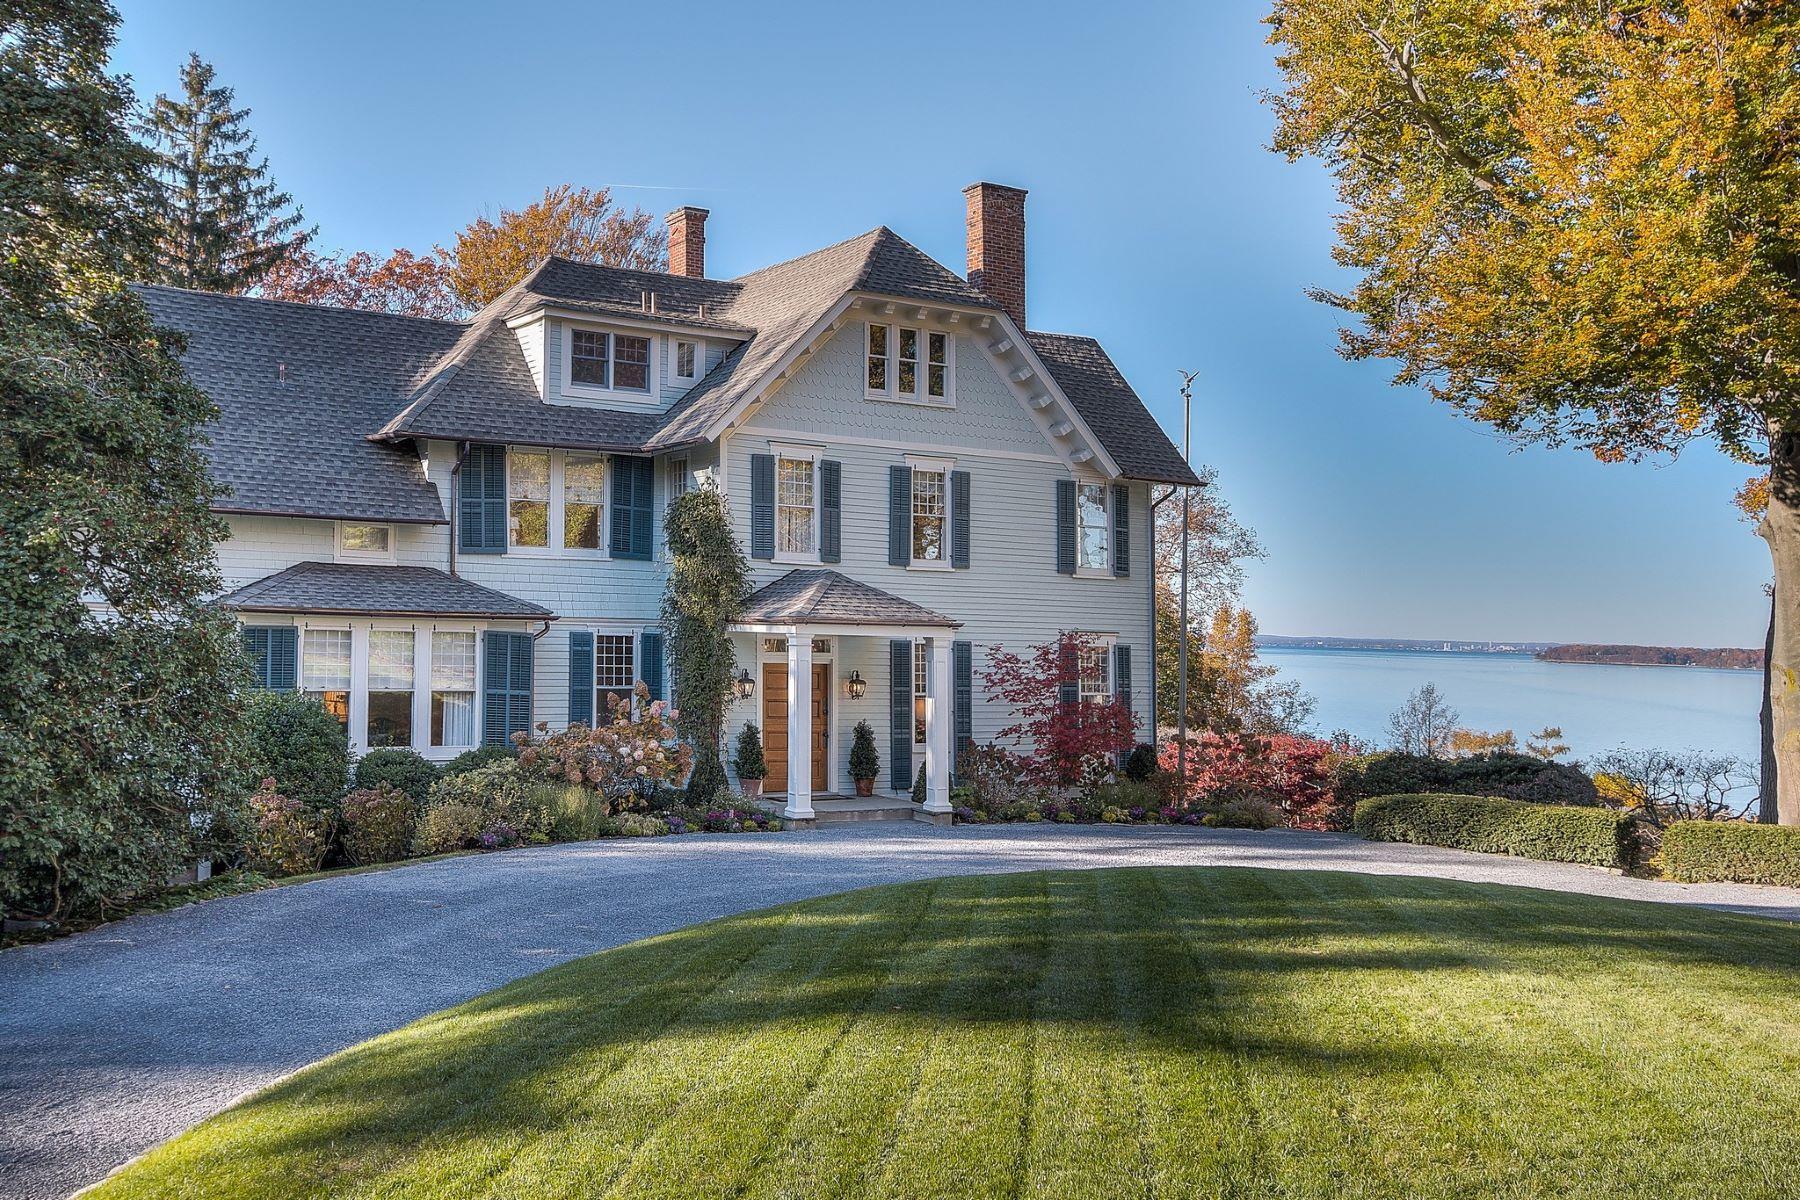 獨棟家庭住宅 為 出售 在 1438 Ridge Rd 1438 Ridge Rd, Laurel Hollow, 紐約州, 11791 美國